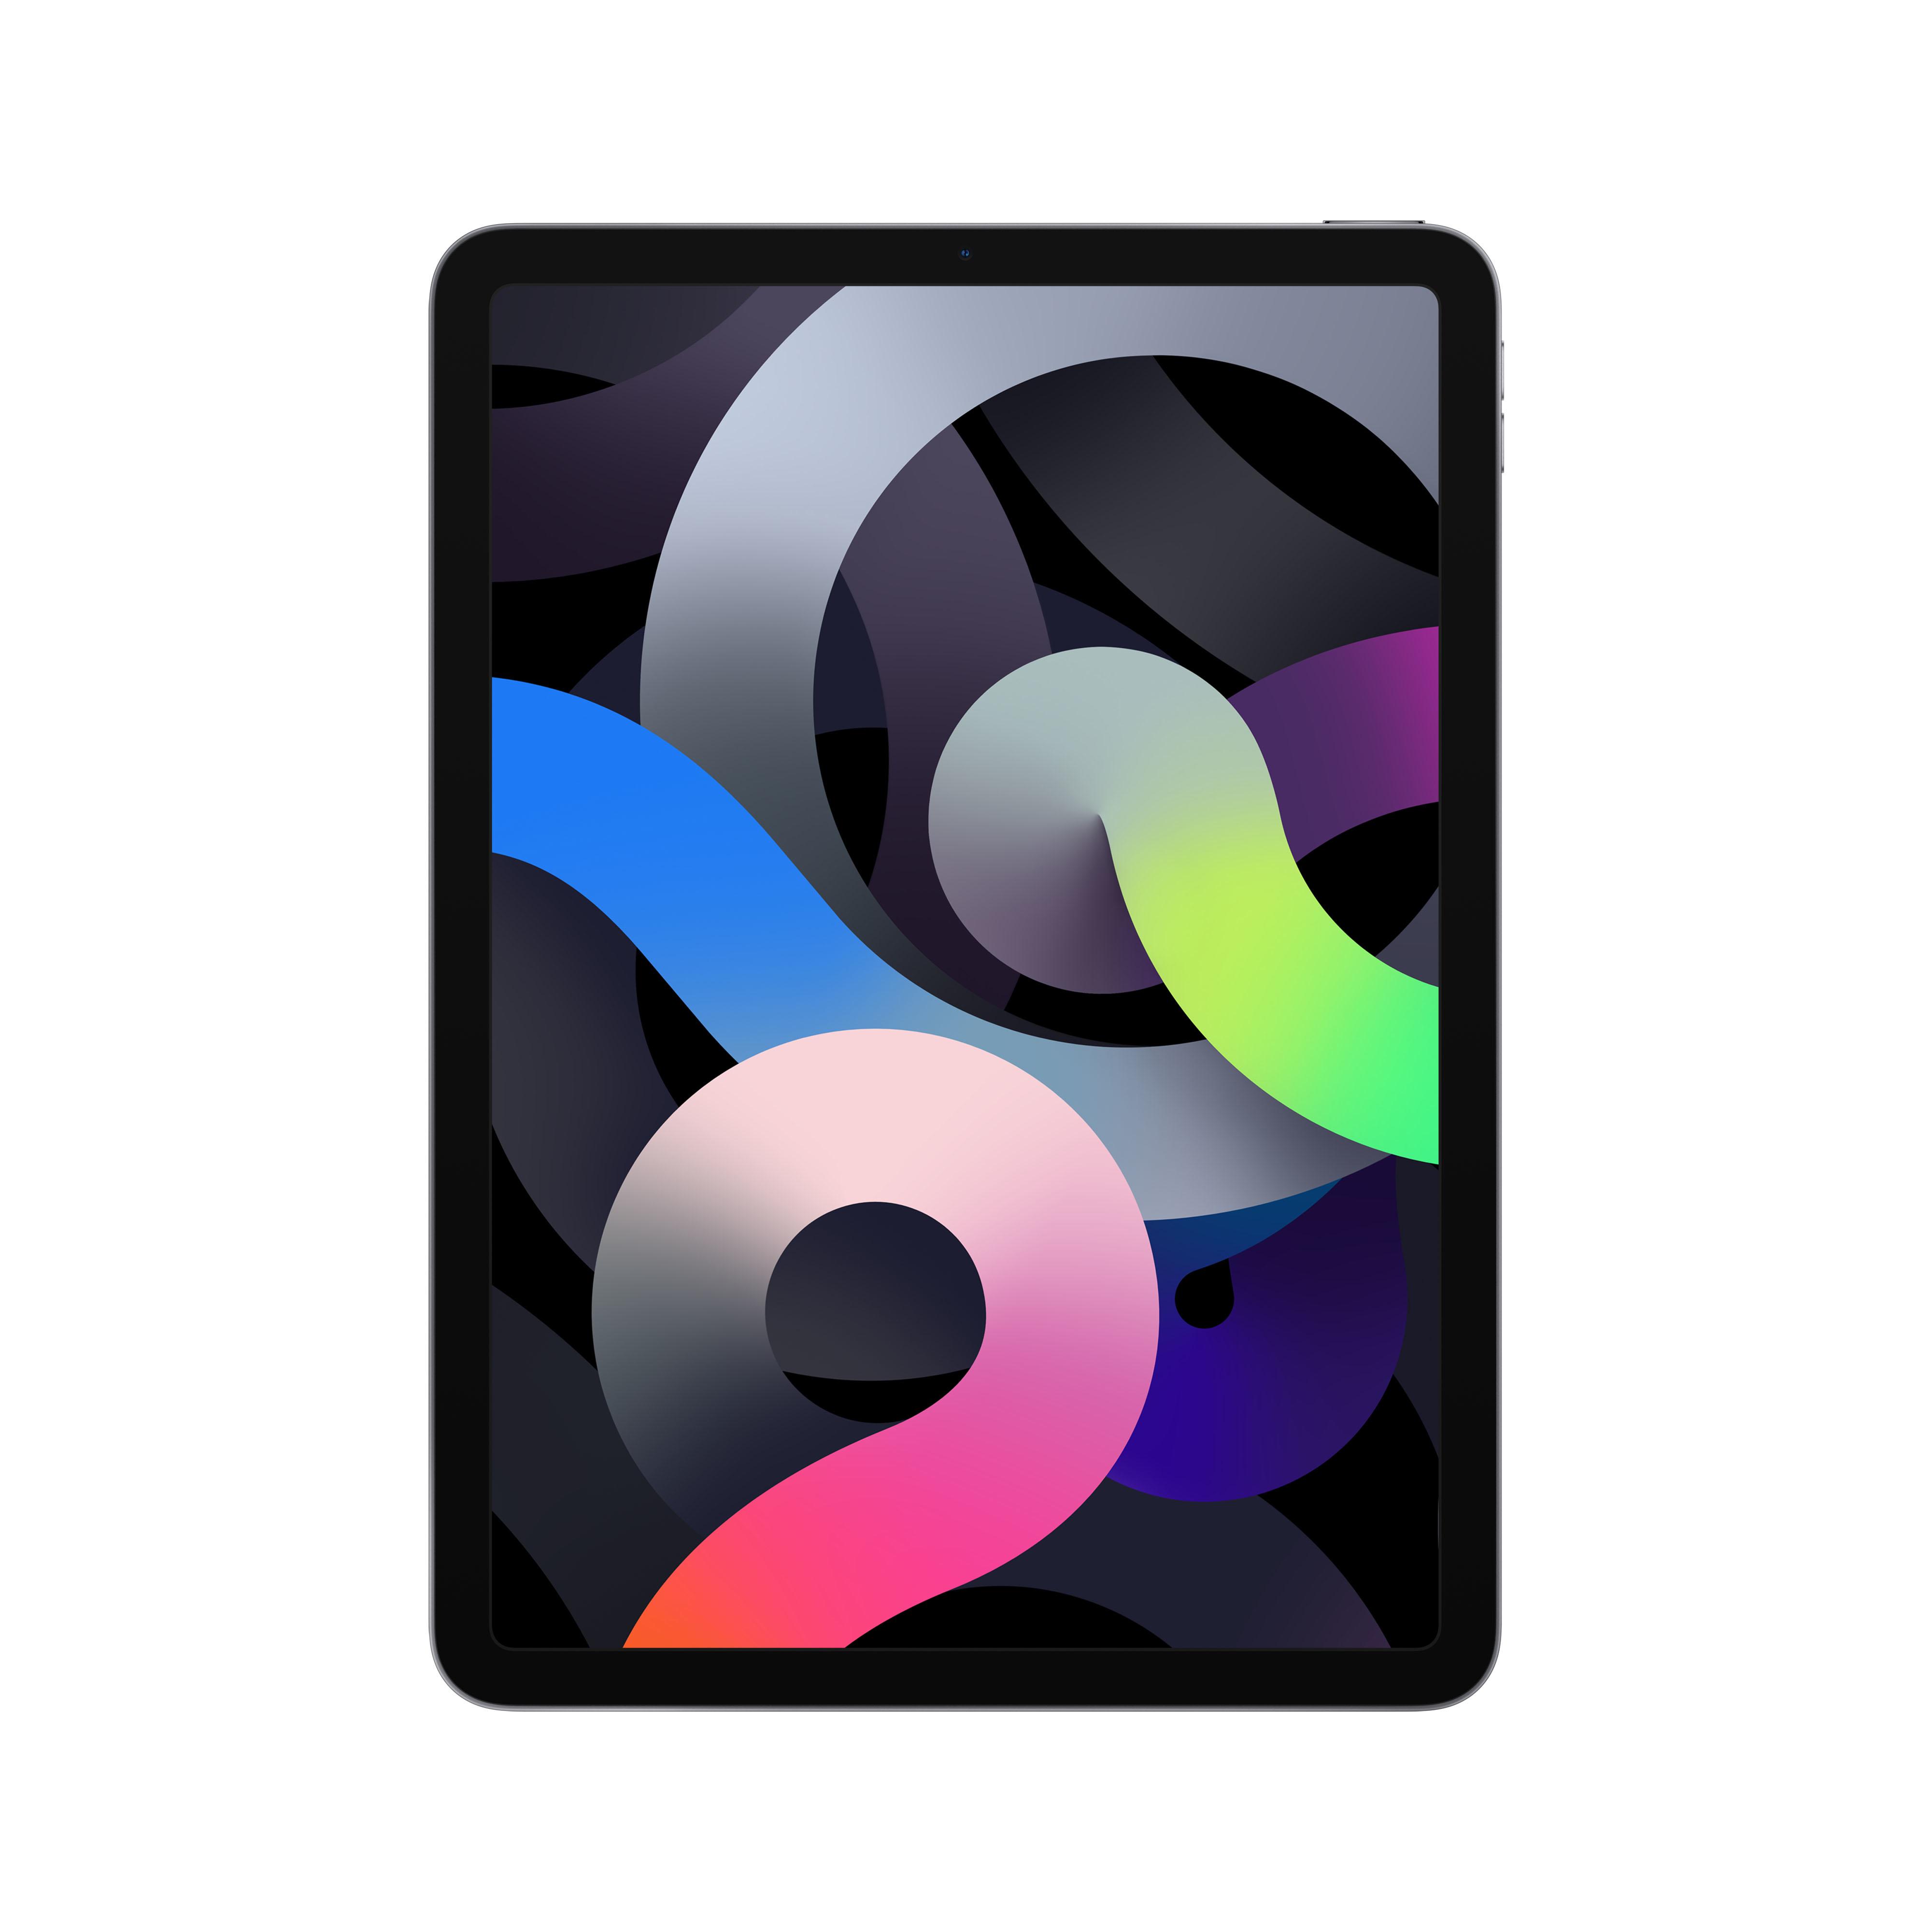 Apple iPad Air 256 GB Grigio siderale Myft2ty/a